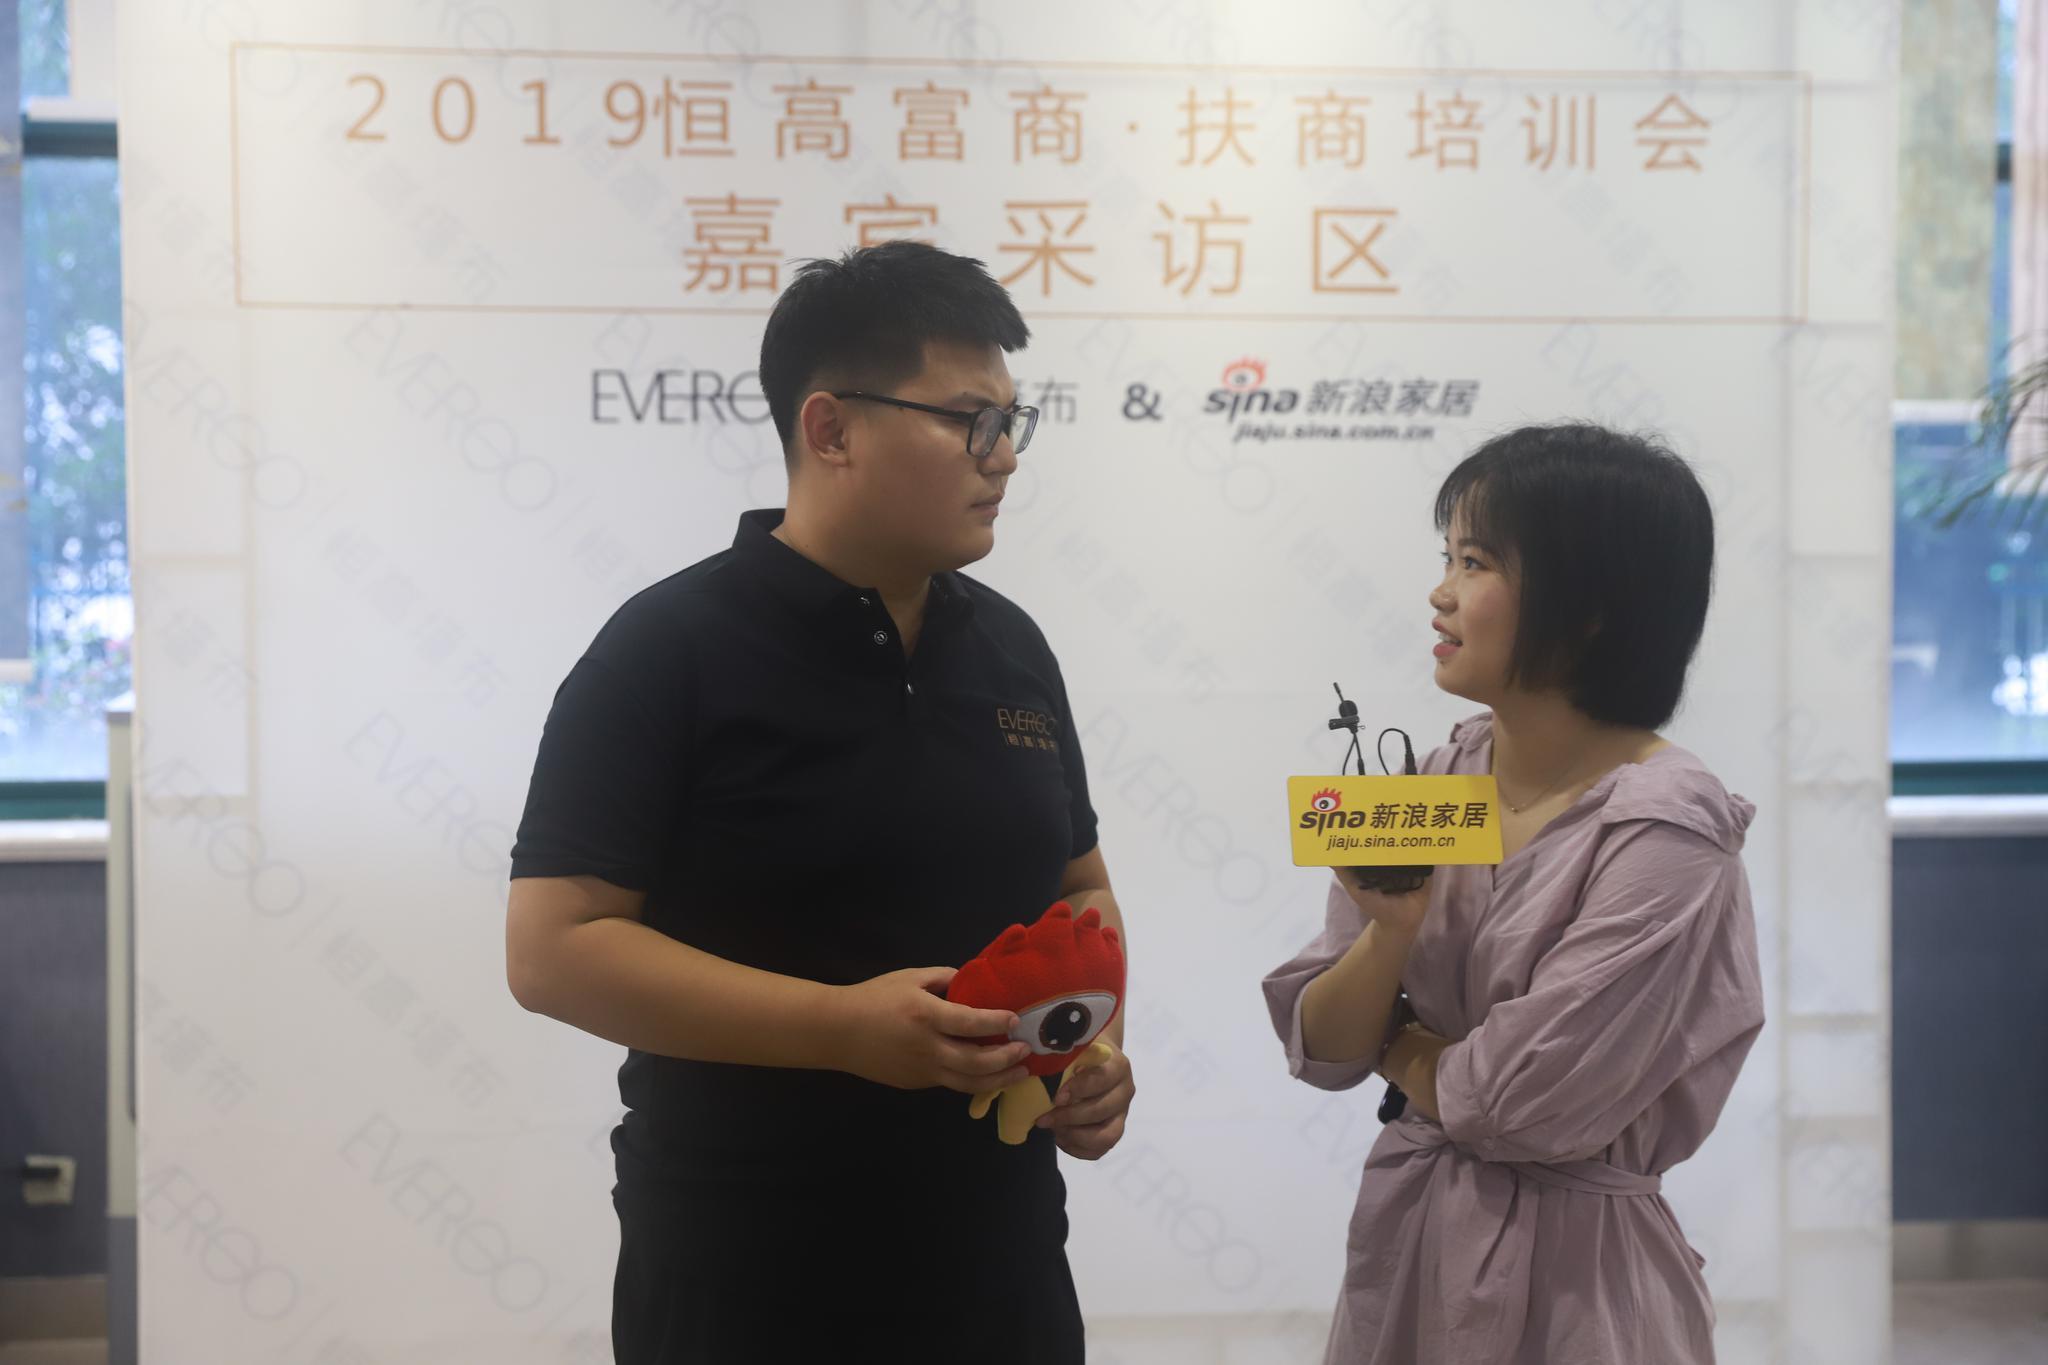 恒高经销商曹宇:经销商与企业就是共同成长的朋友